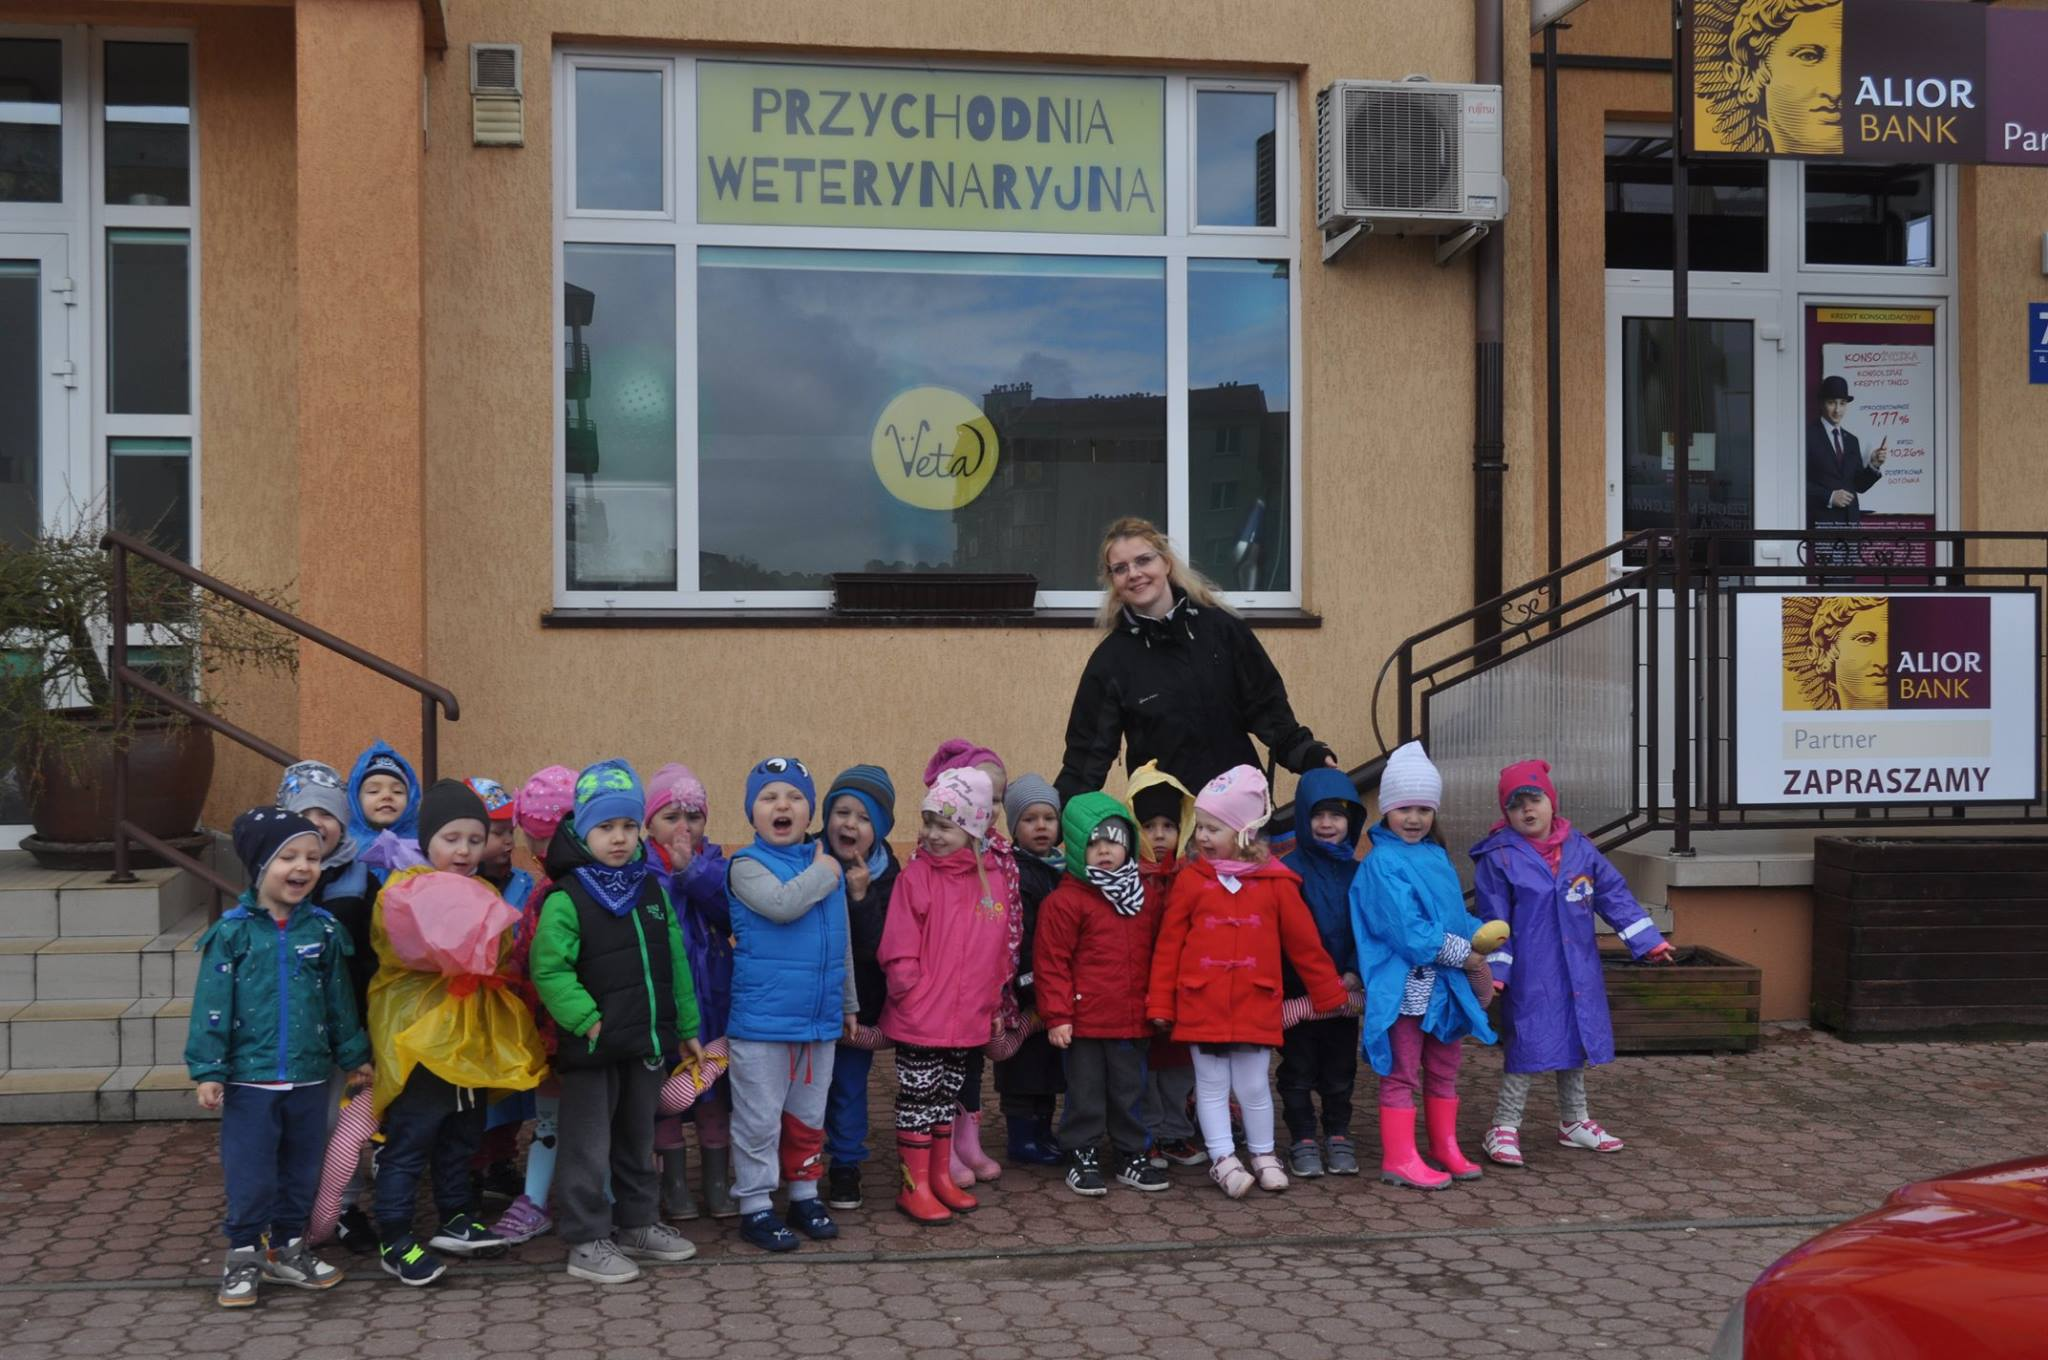 Przedszkolaki z wizytą u weterynarza